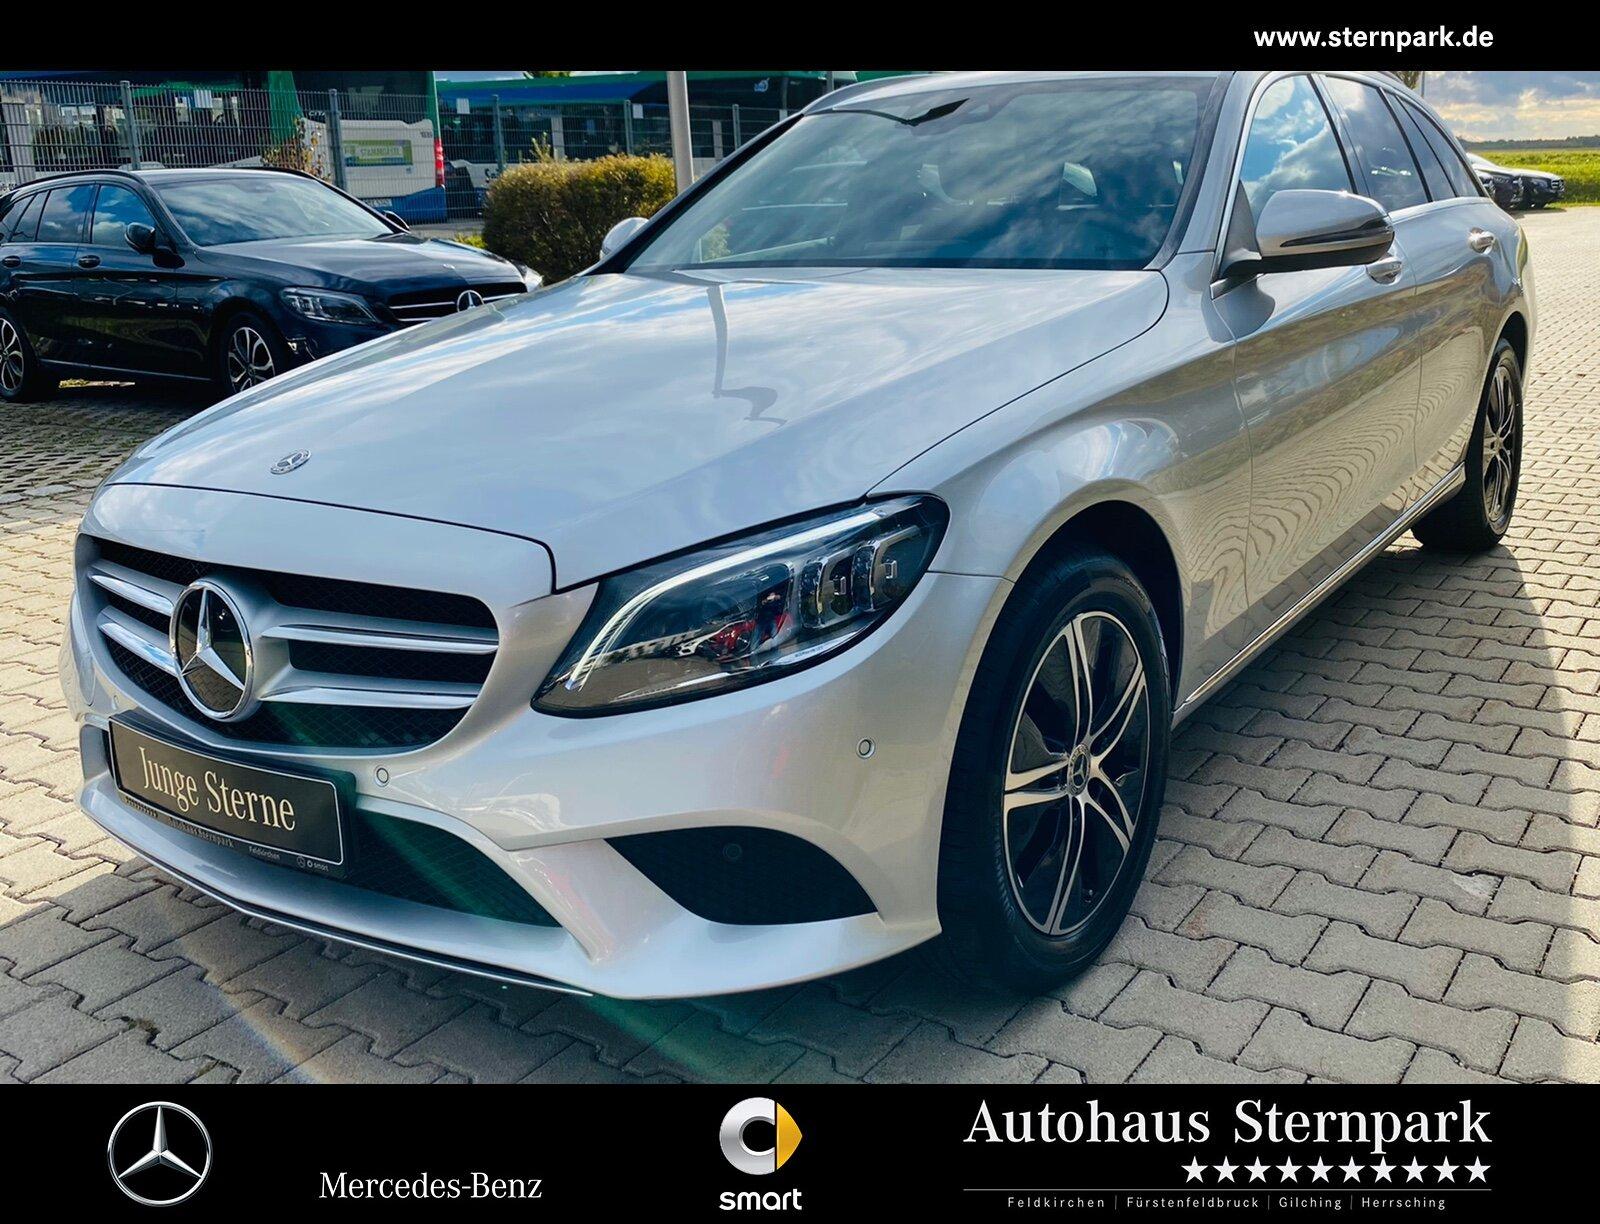 Mercedes-Benz C 220 d 4M T Avantgarde +Comand+LED+Kamera+STH+, Jahr 2020, Diesel